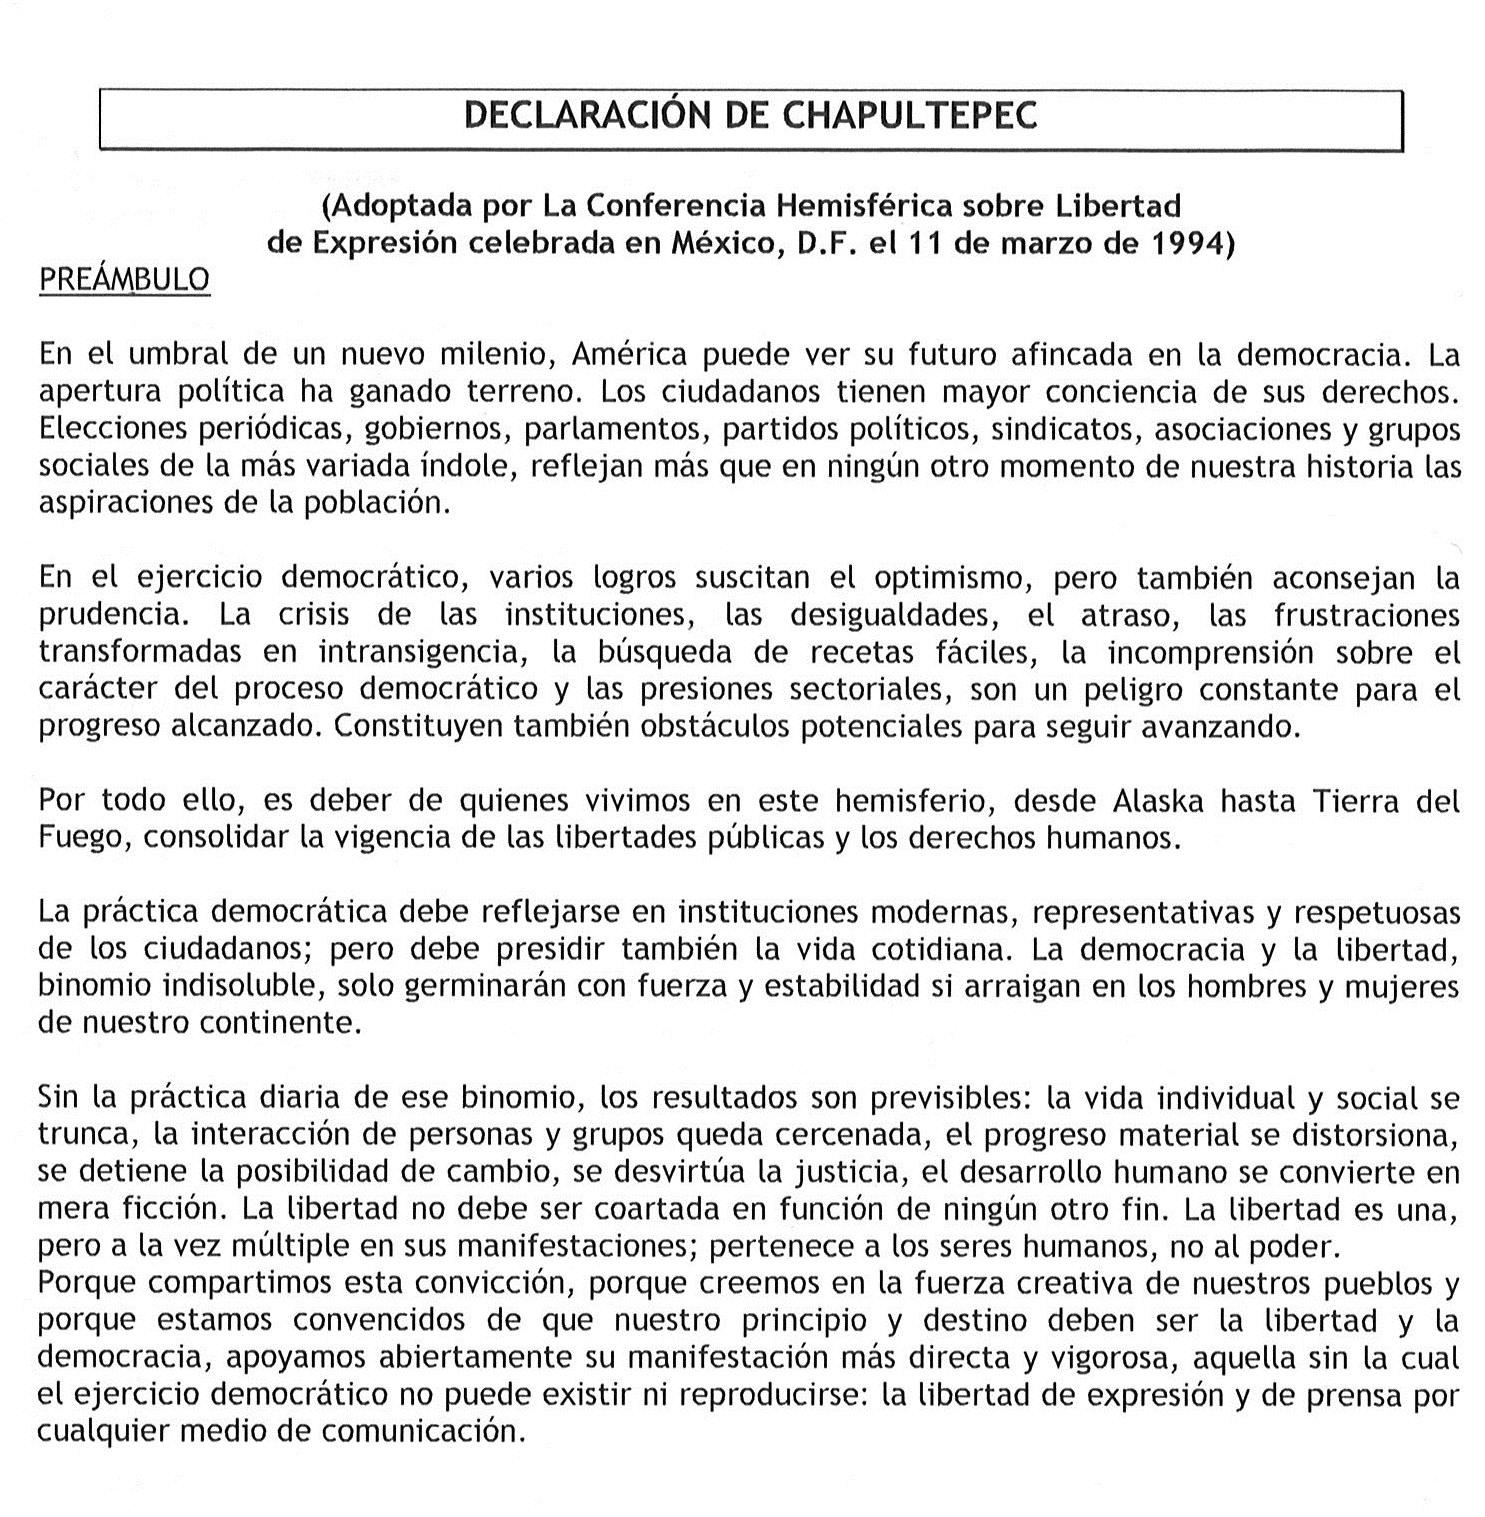 150805-chapultepec.jpg